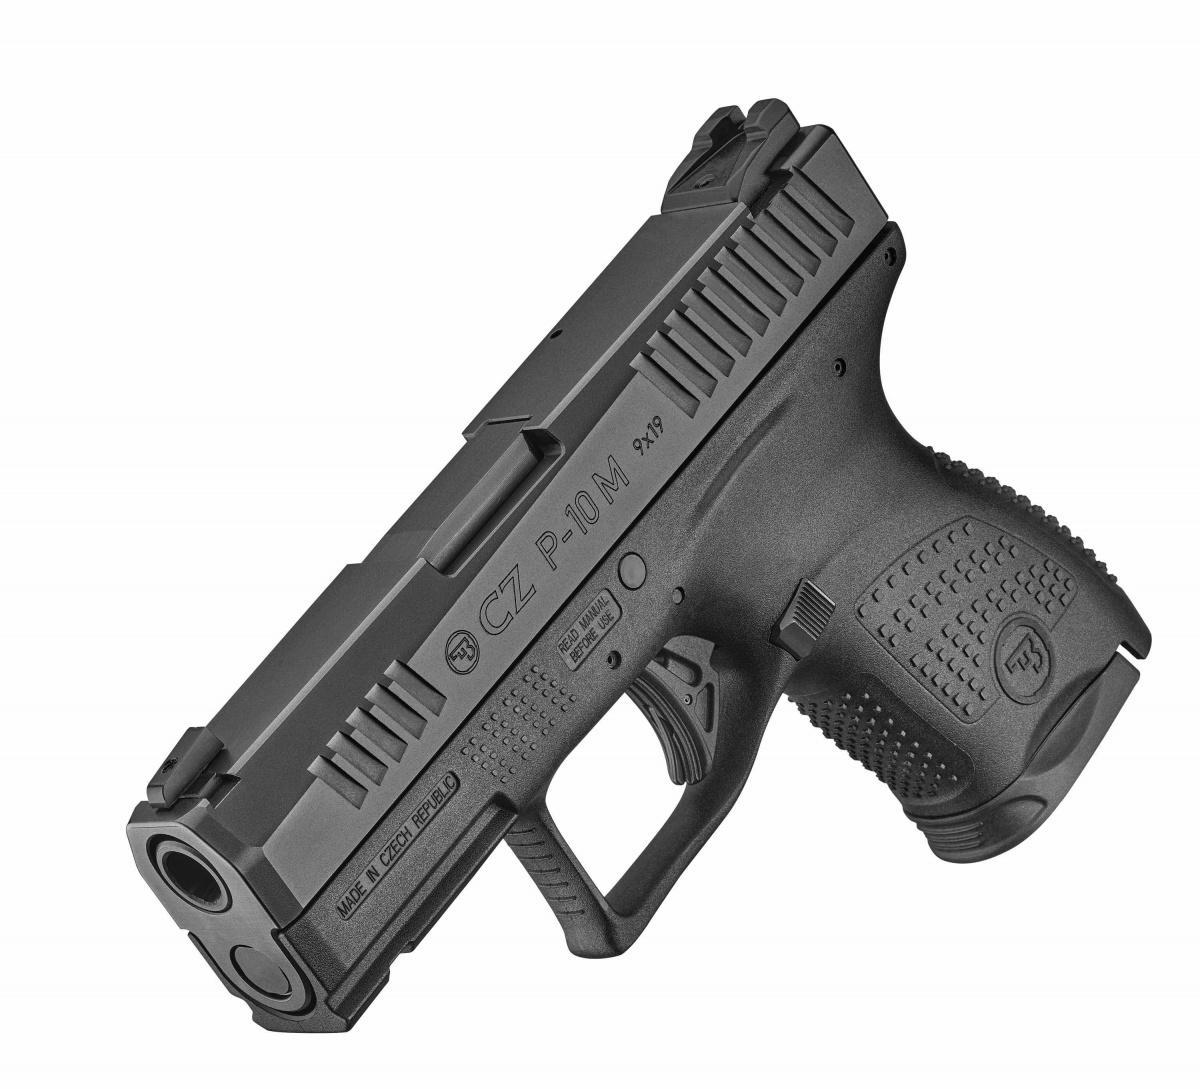 P-10 Micro tonajmniejszy bezkurkowy pistolet CZ przeznaczony docodziennego noszenia